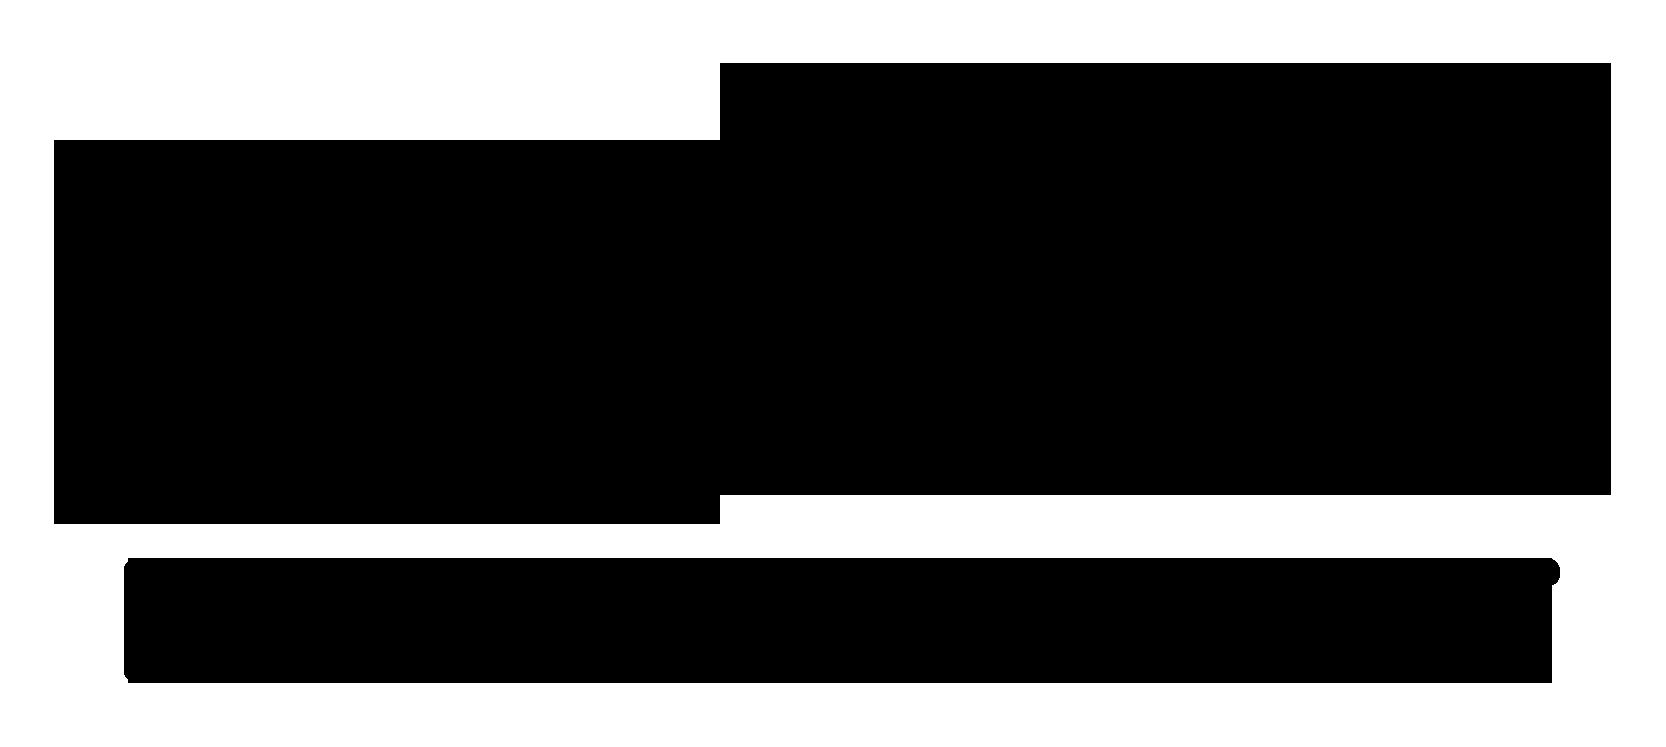 easy healthy kitchen toolkit logo